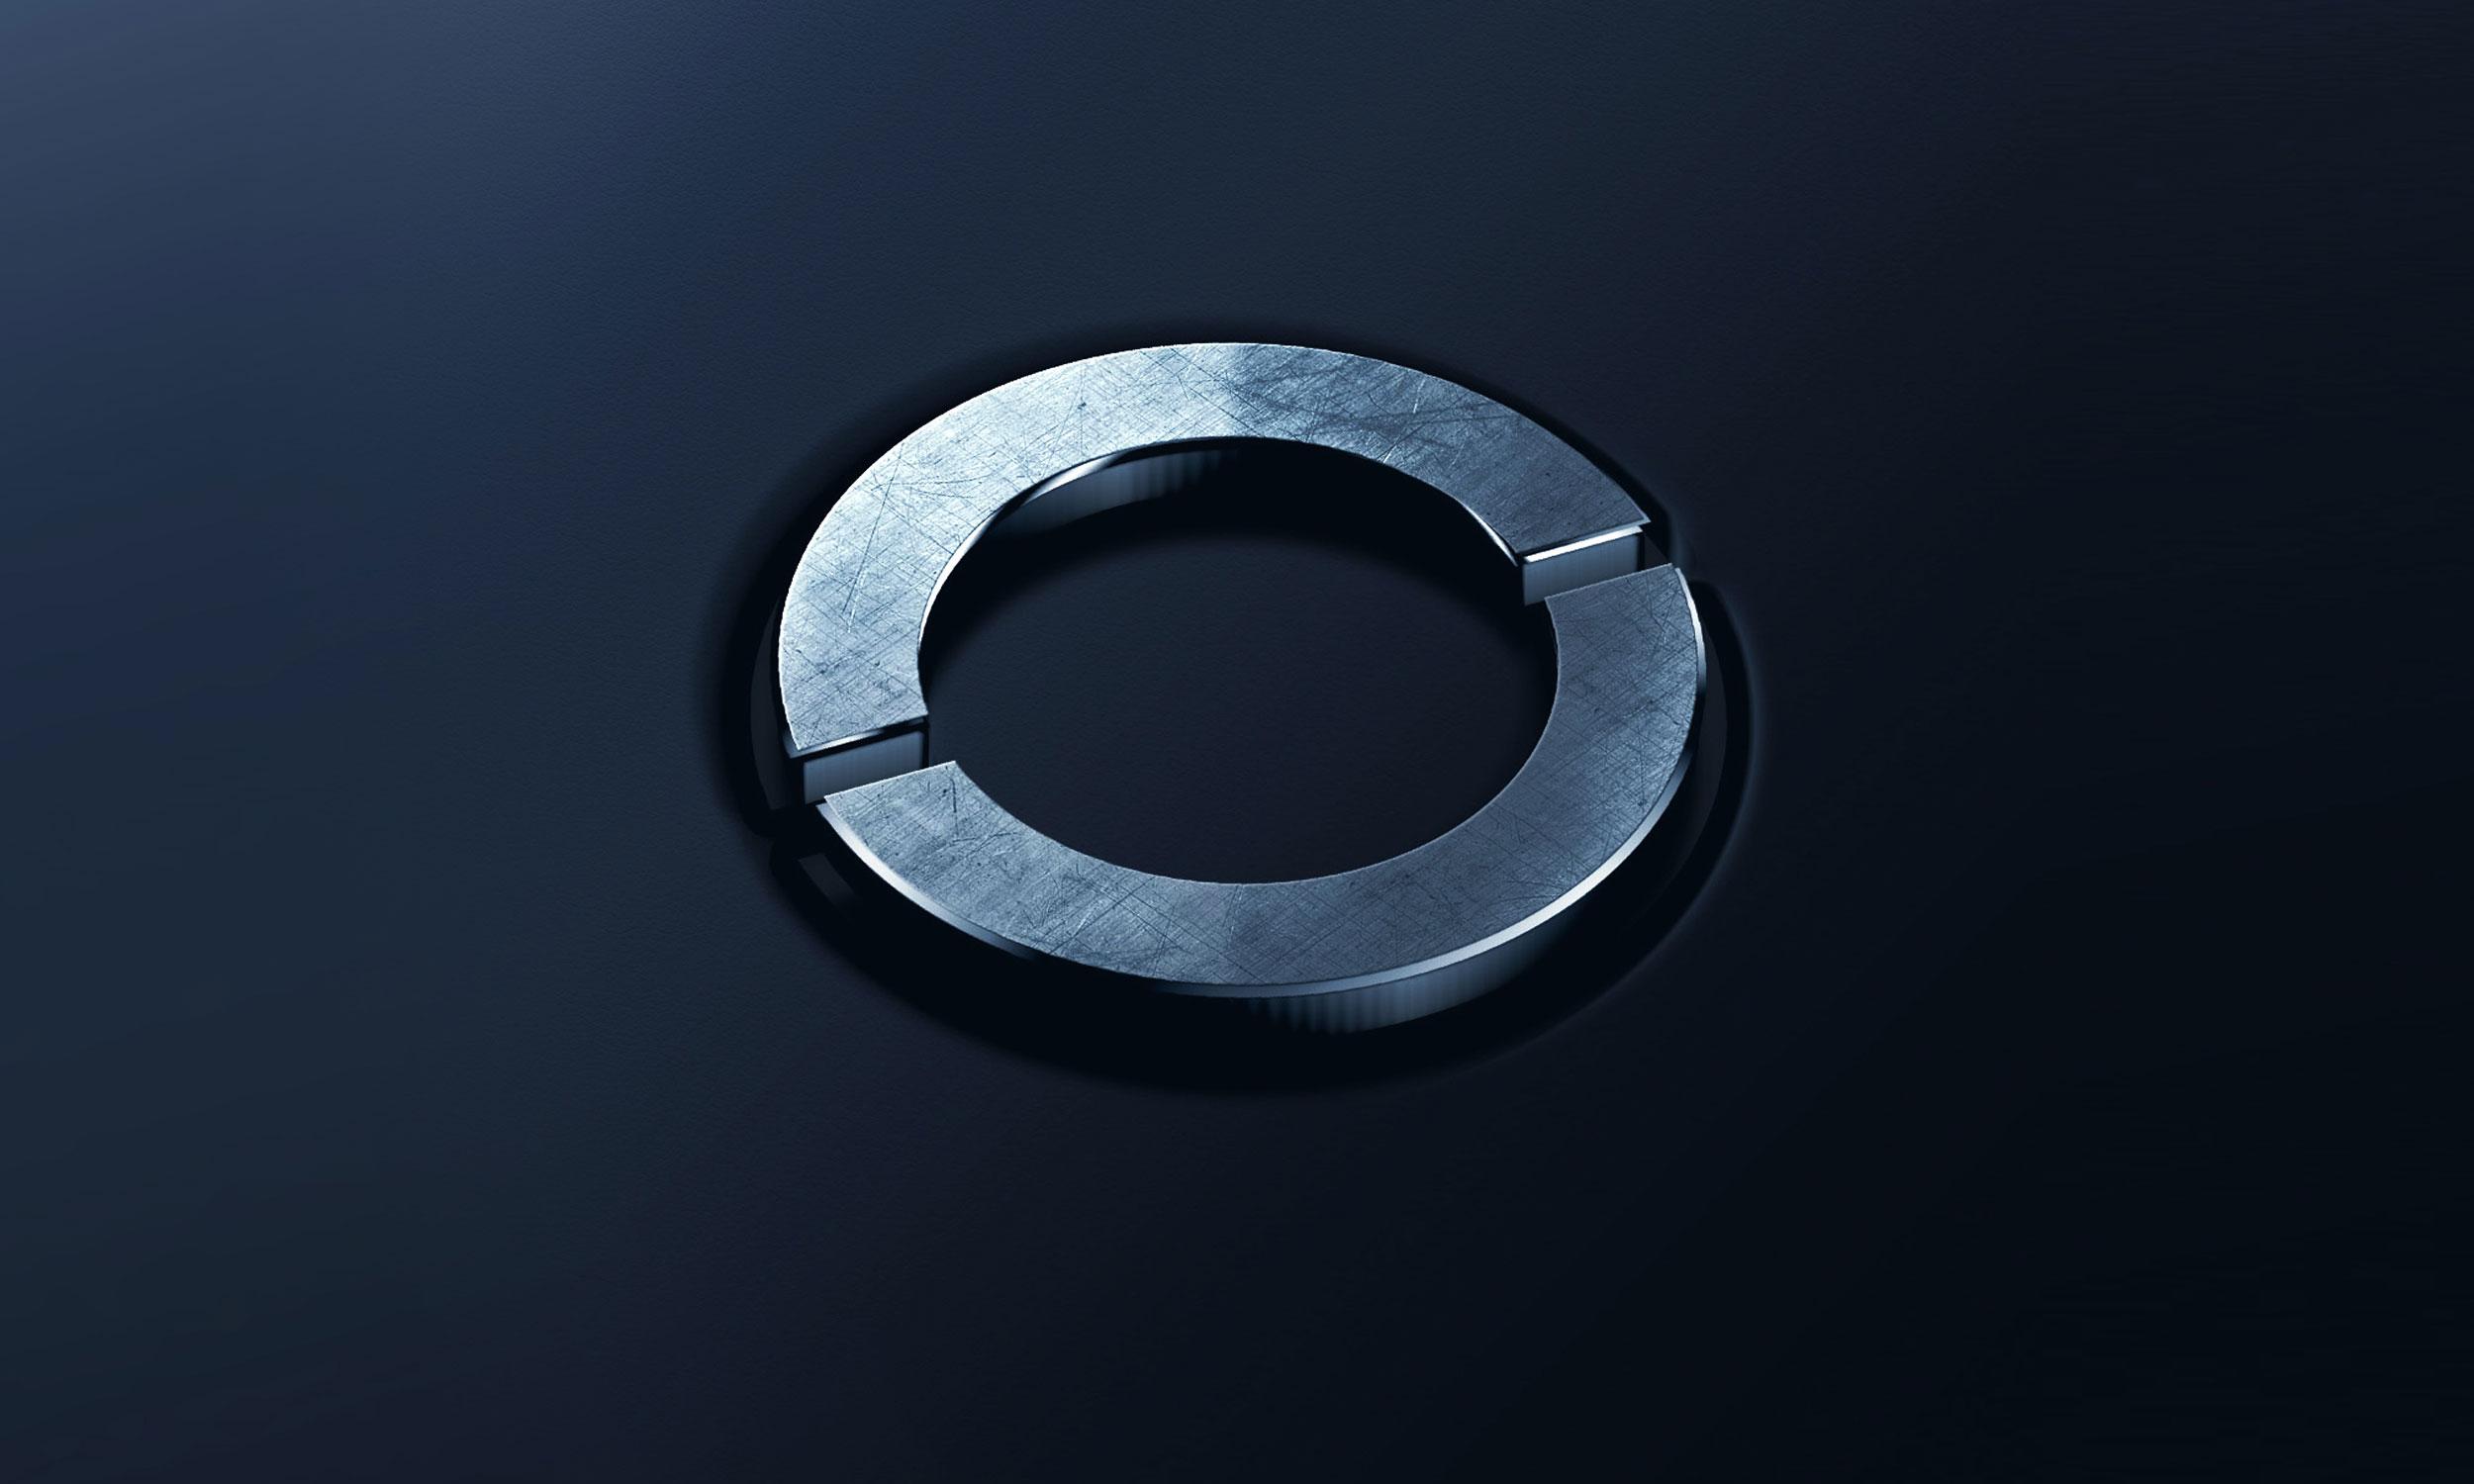 Primetals ring symbol in metal